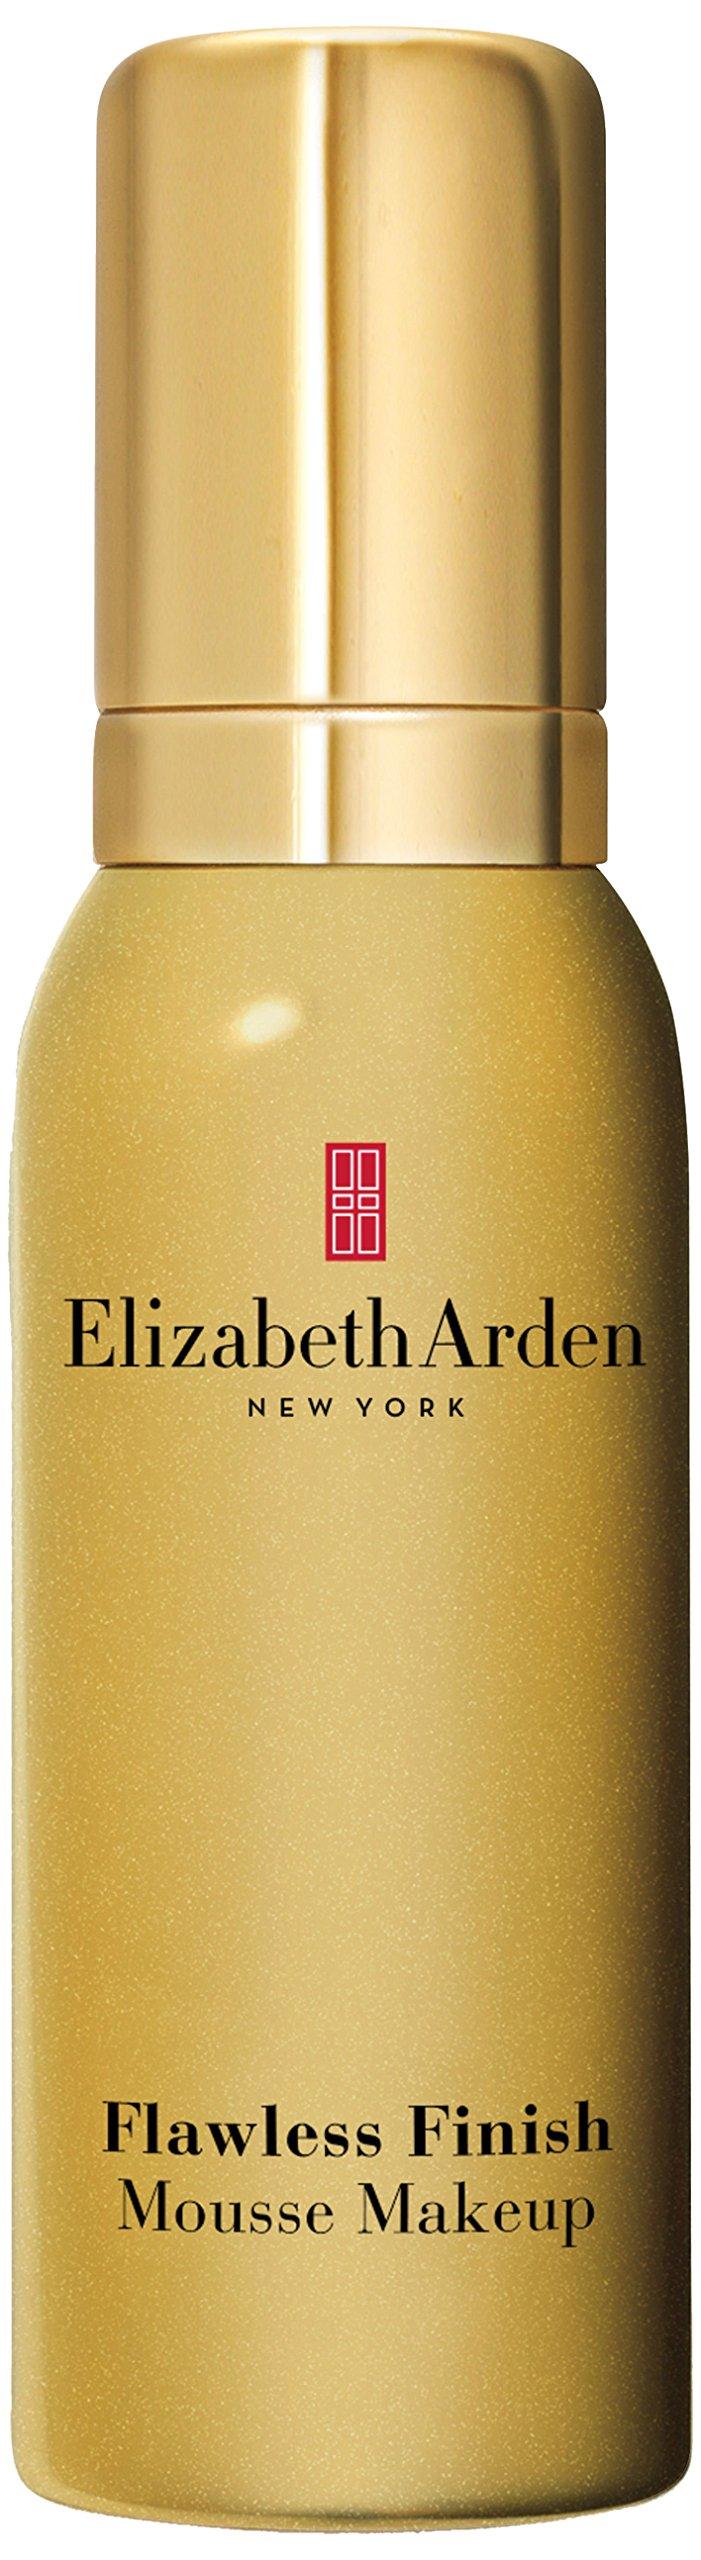 Elizabeth Arden Flawless Finish Mousse Makeup, Natural, 1.4 oz. by Elizabeth Arden